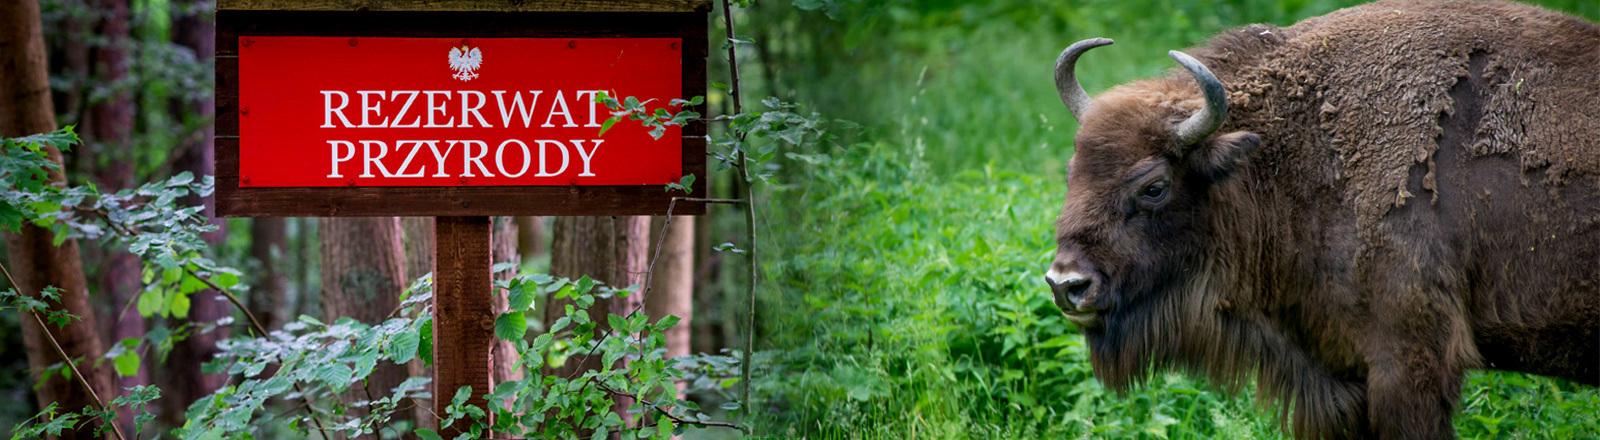 Wisent und Schild des Bialowieza Nationalparks